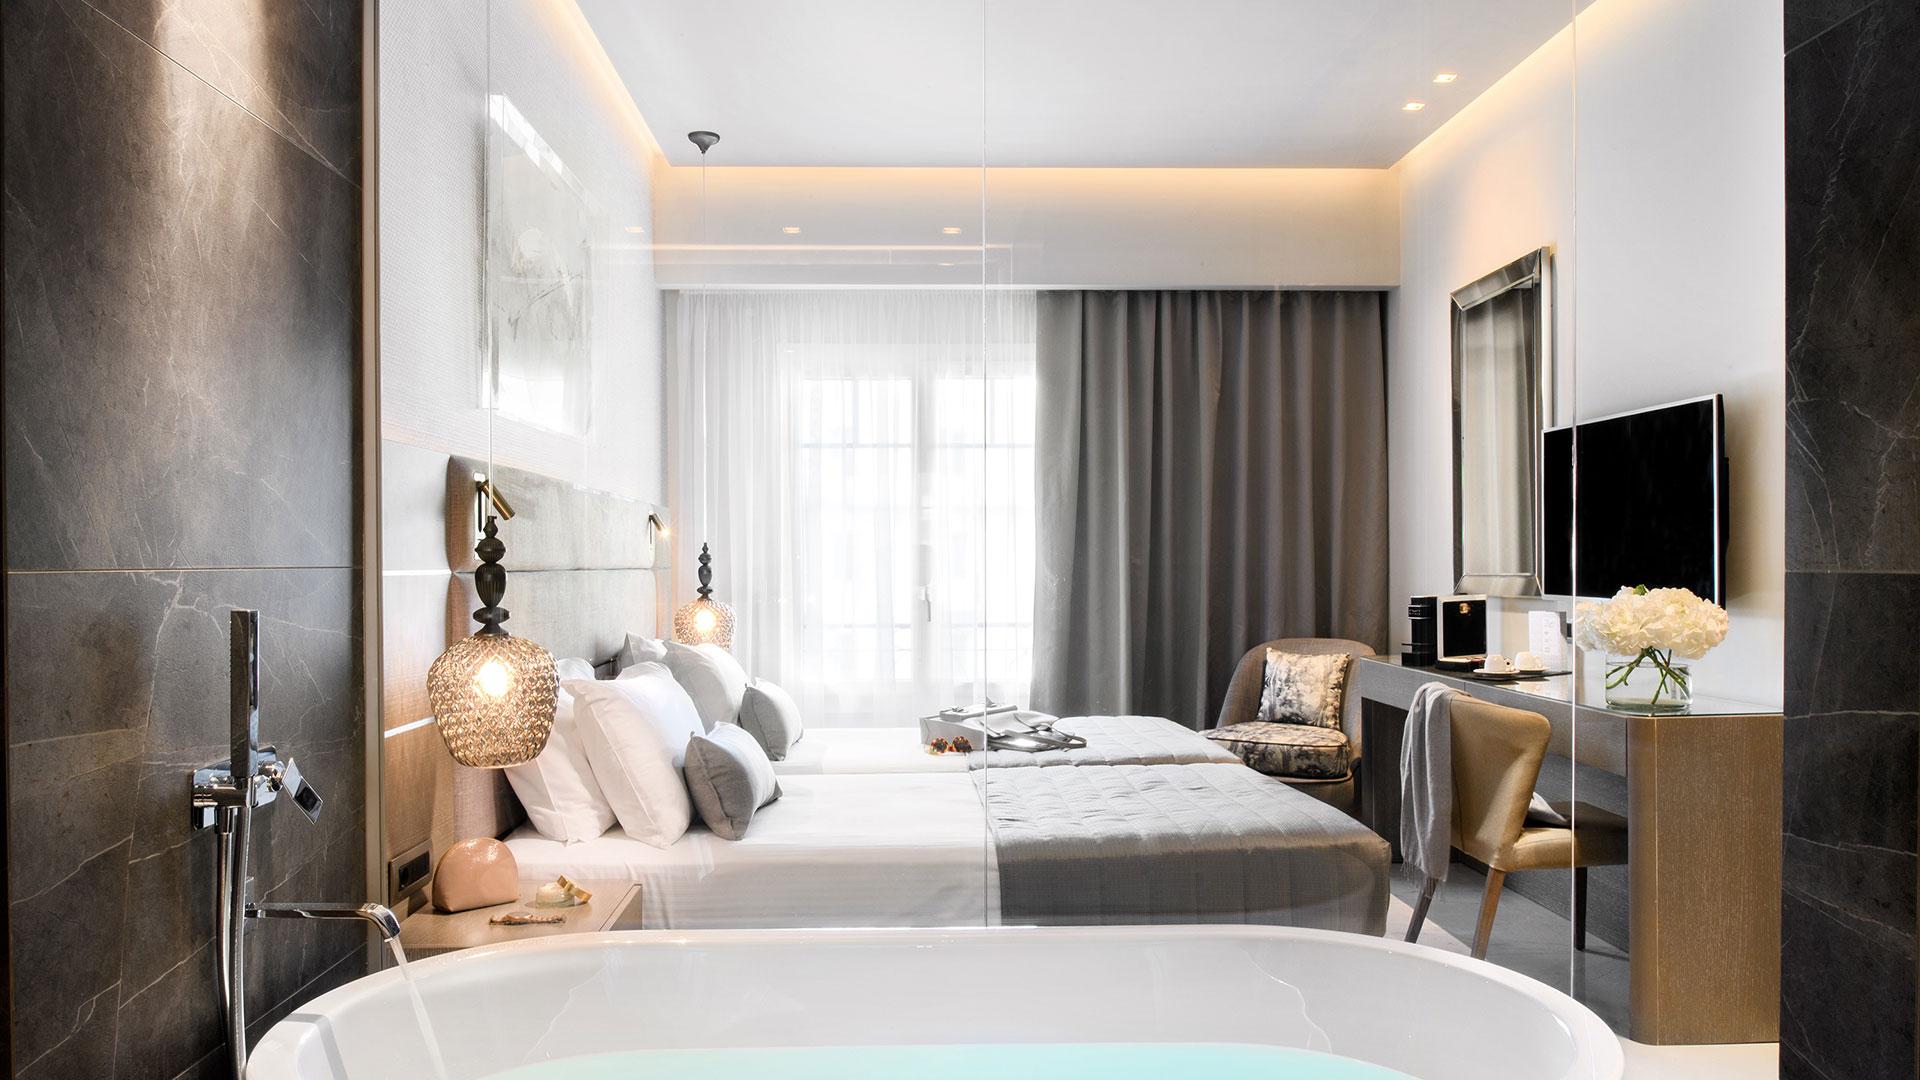 dimitriadis_grand-hotel_02